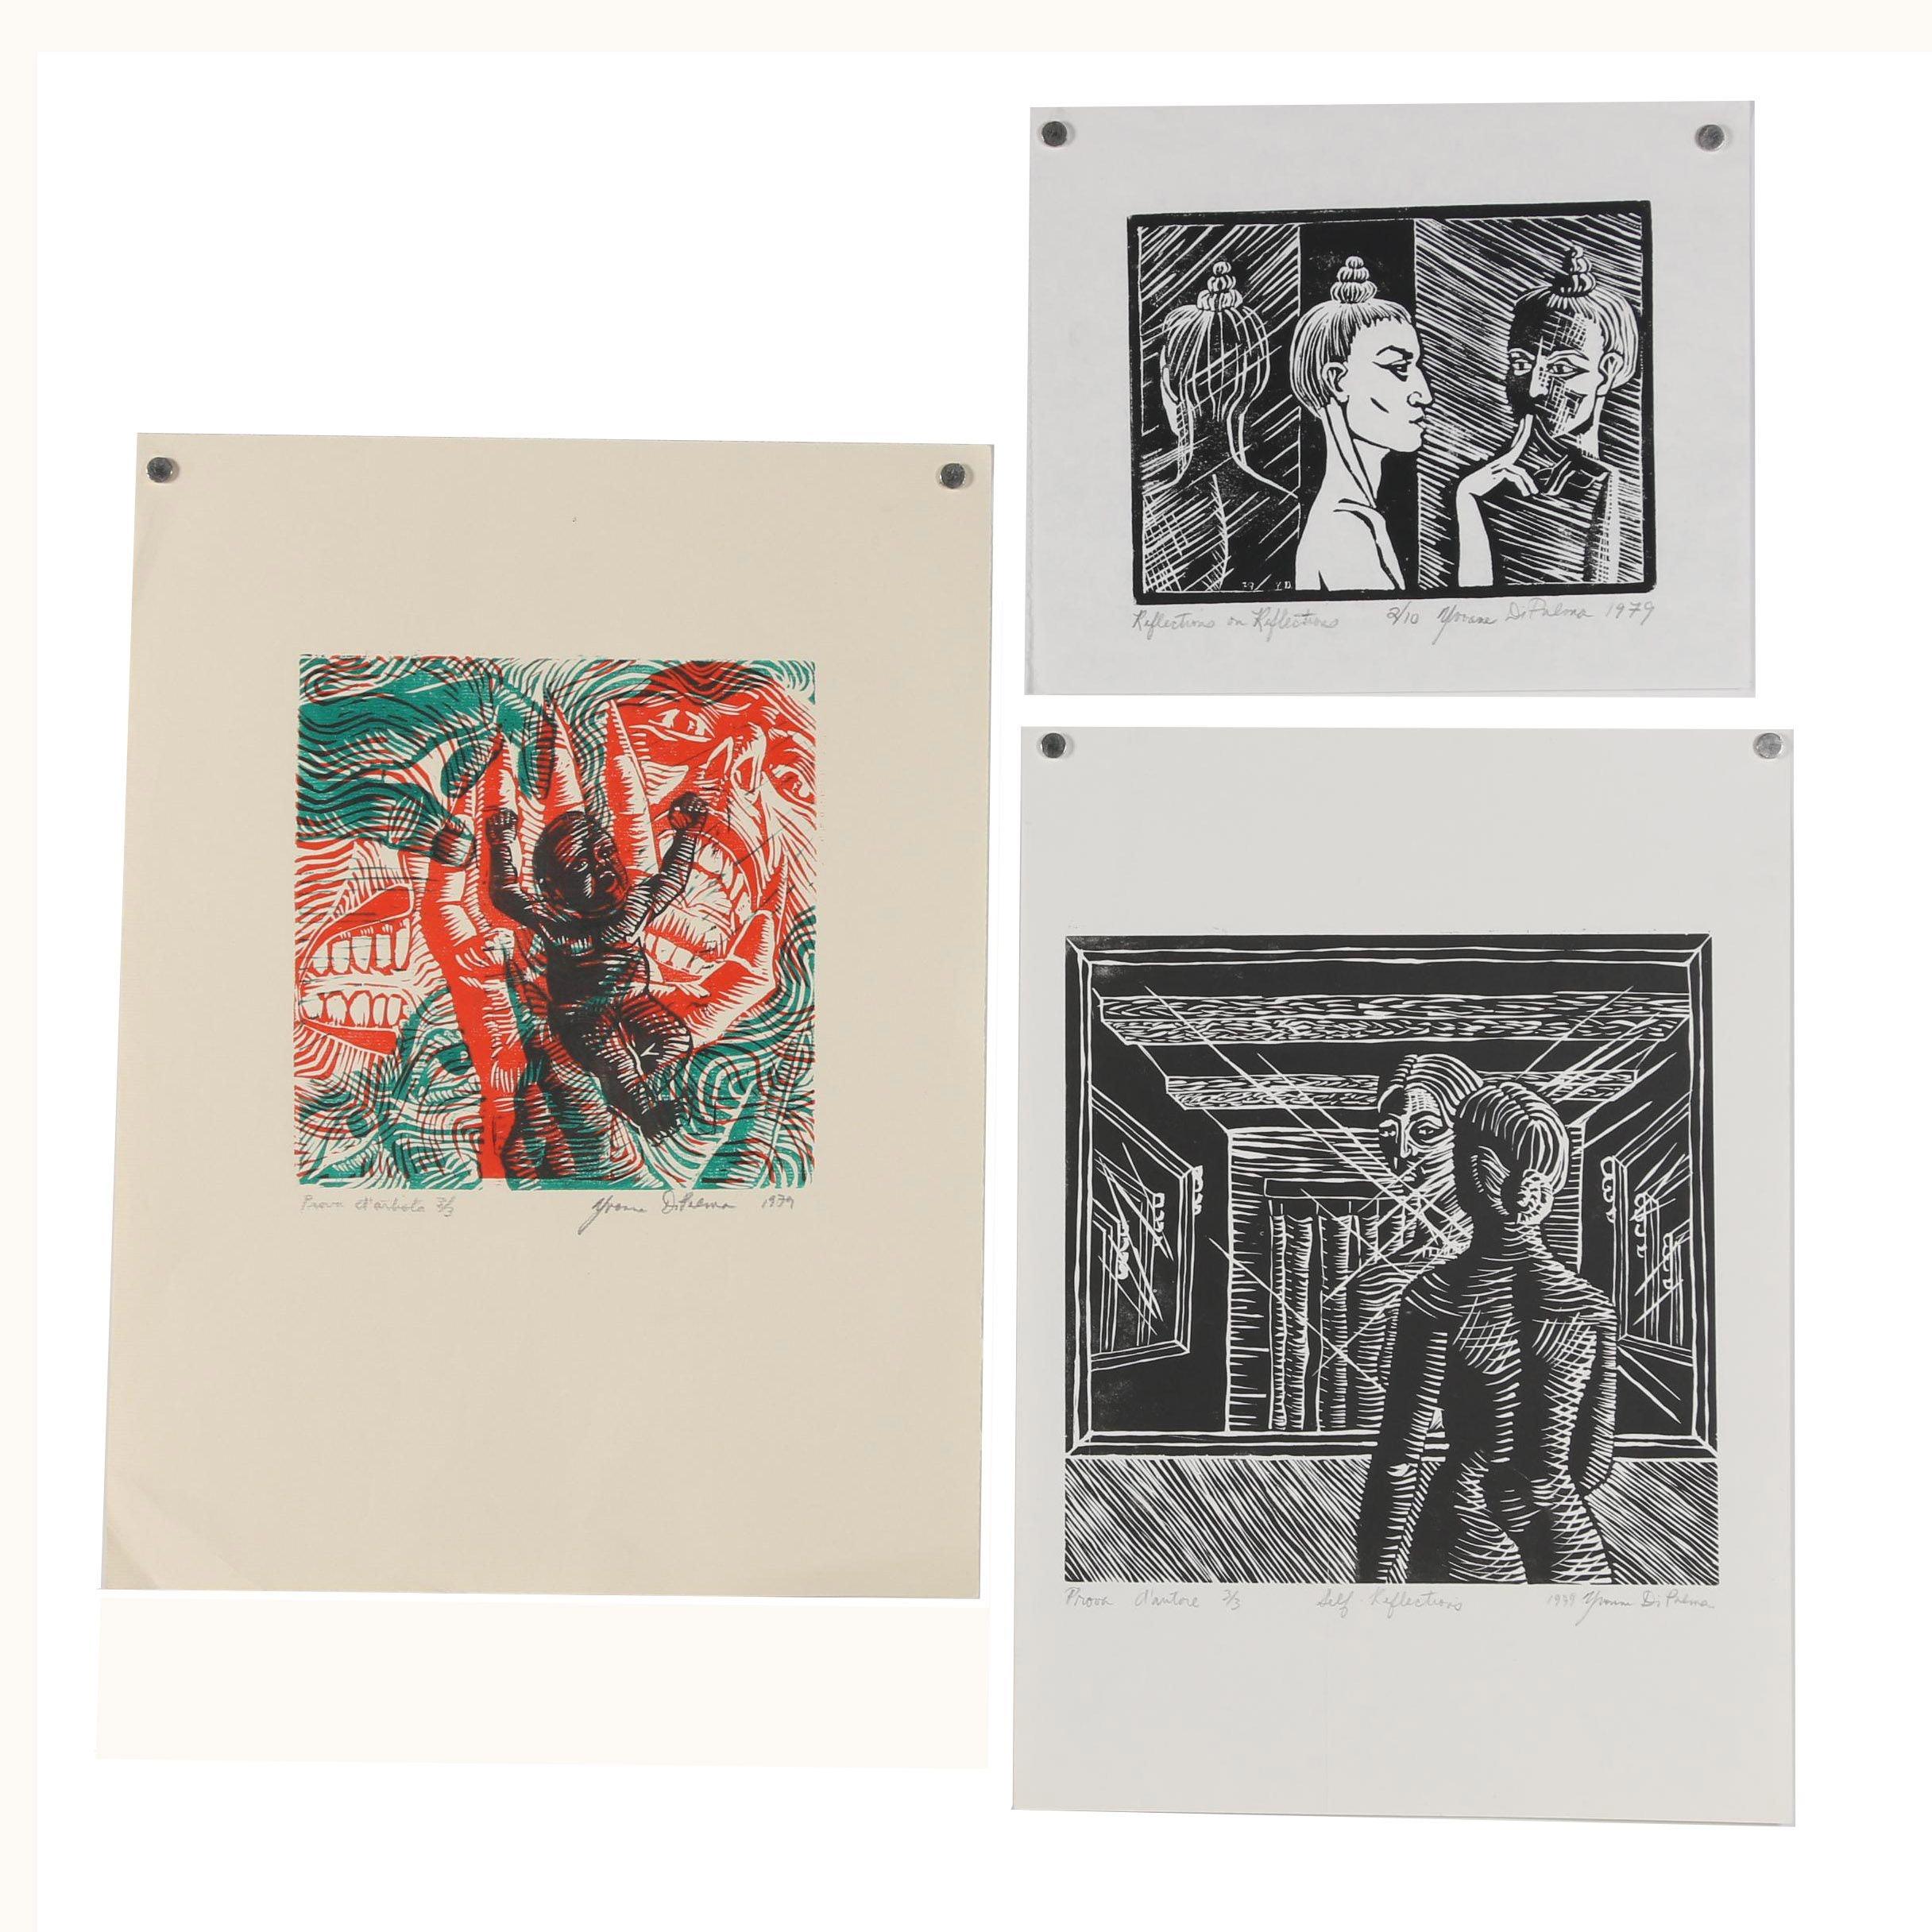 Yvonne DiPalma 1979 Woodcut Prints